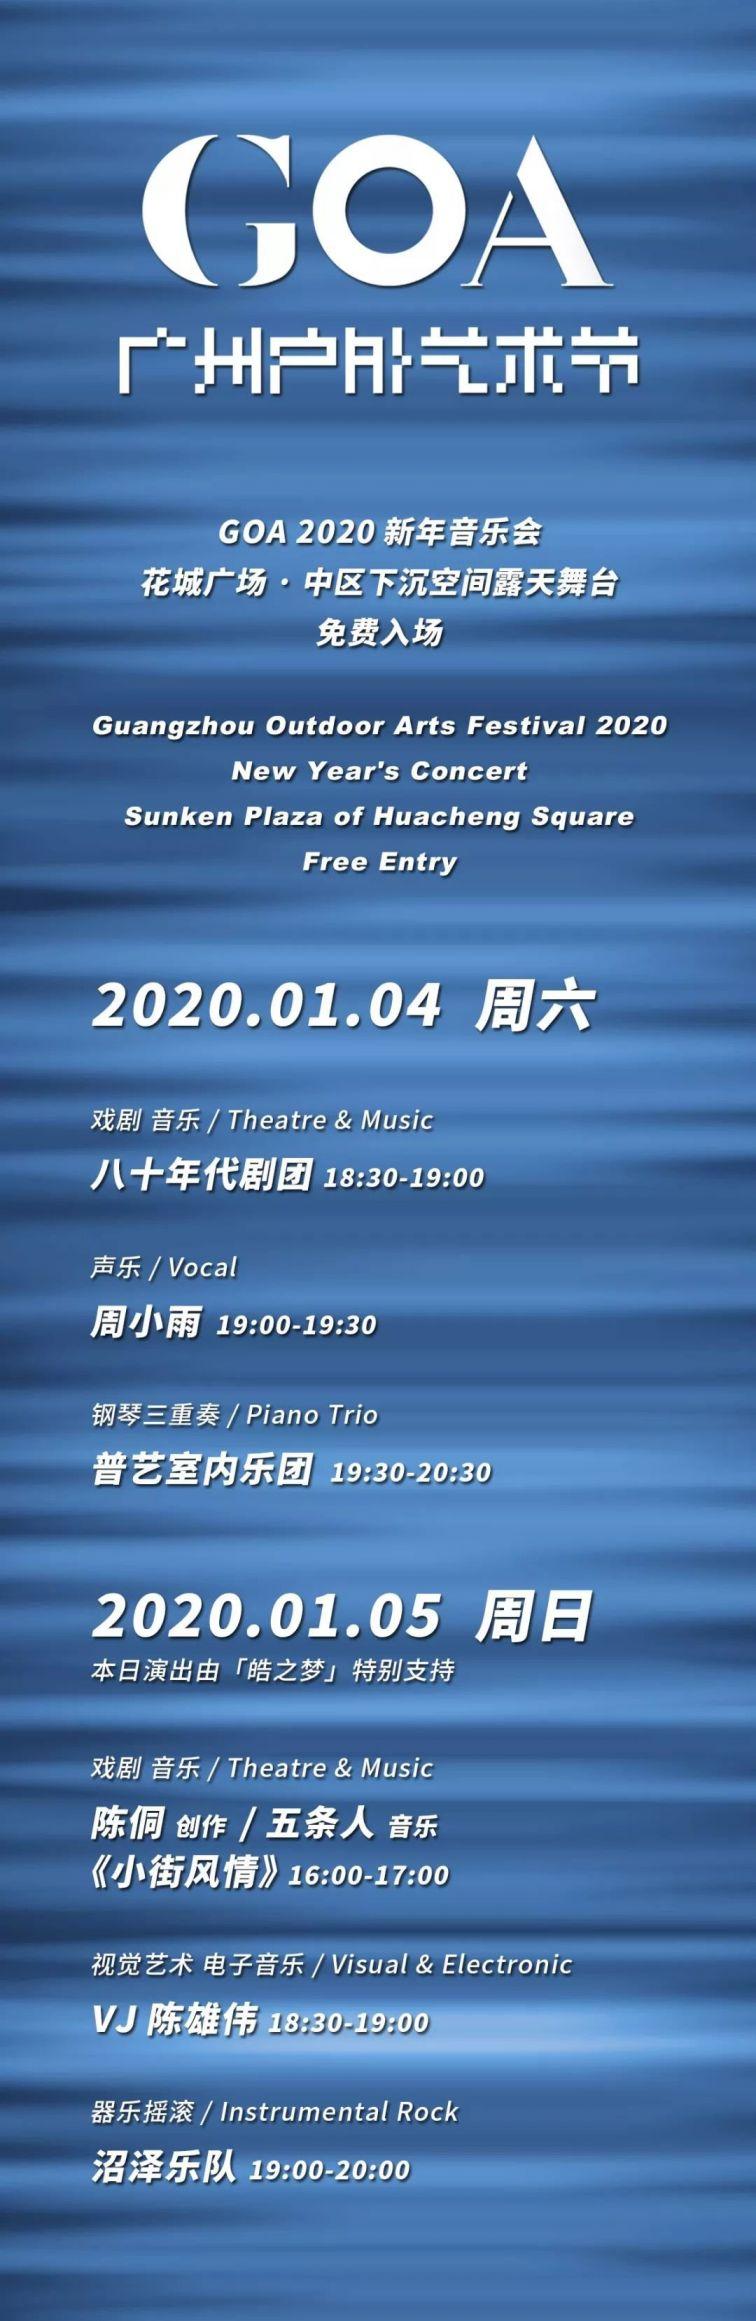 2020广州GOA户外艺术节(时间+地点+节目单)